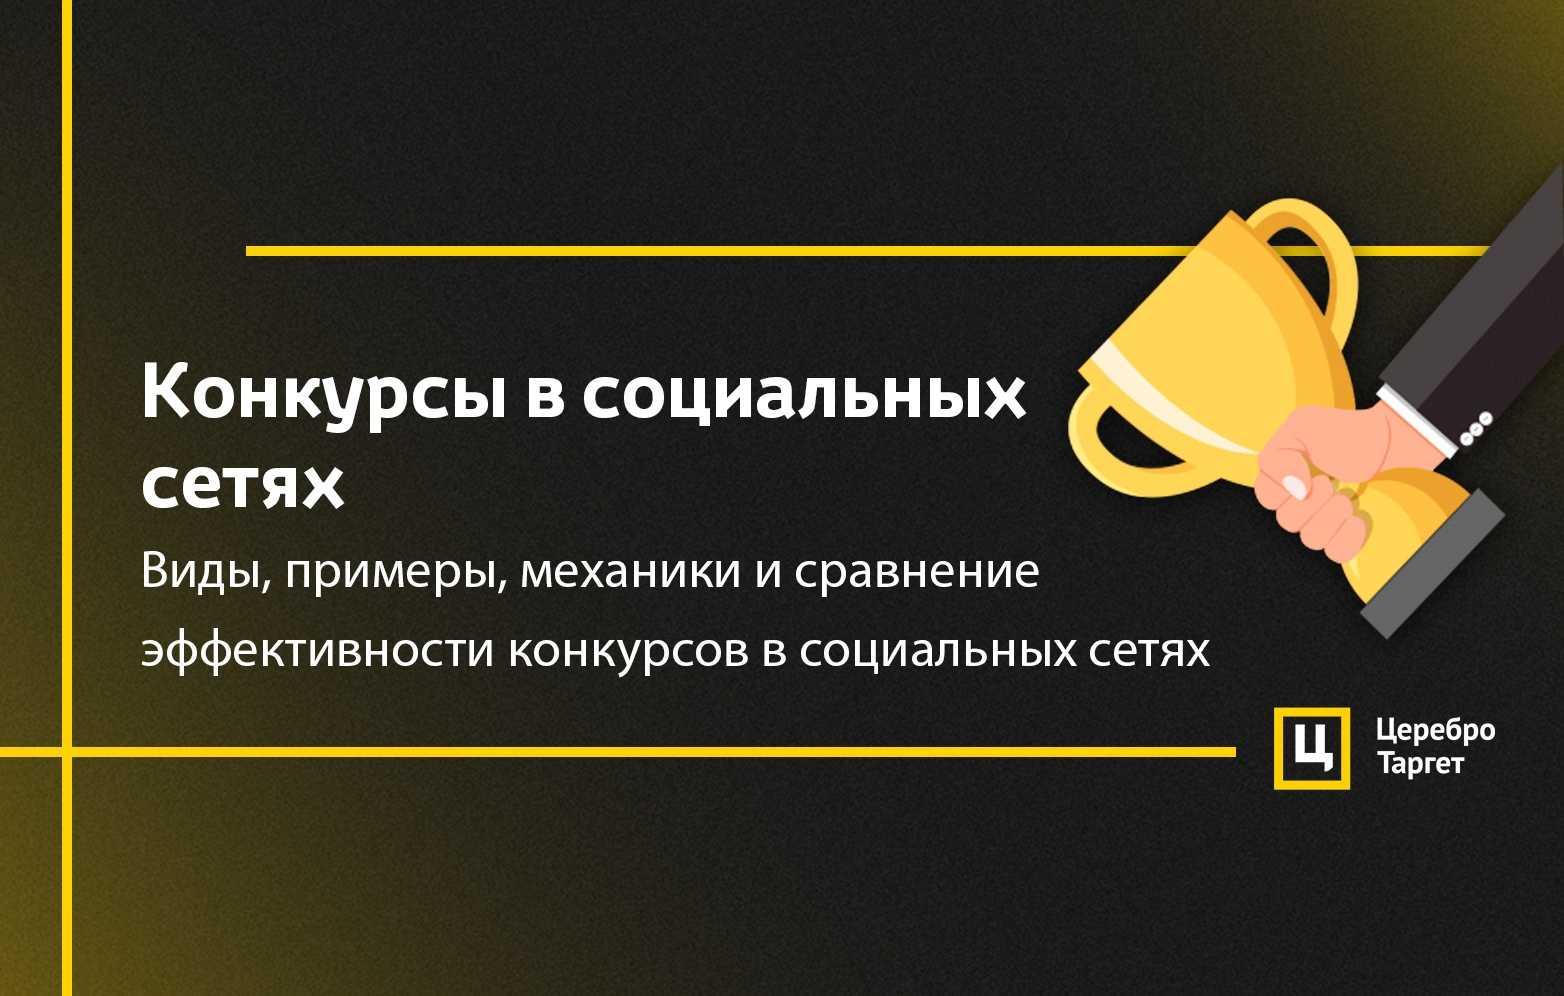 За голосование по поправкам к конституции можно получить 5000 рублей, и это не подкуп